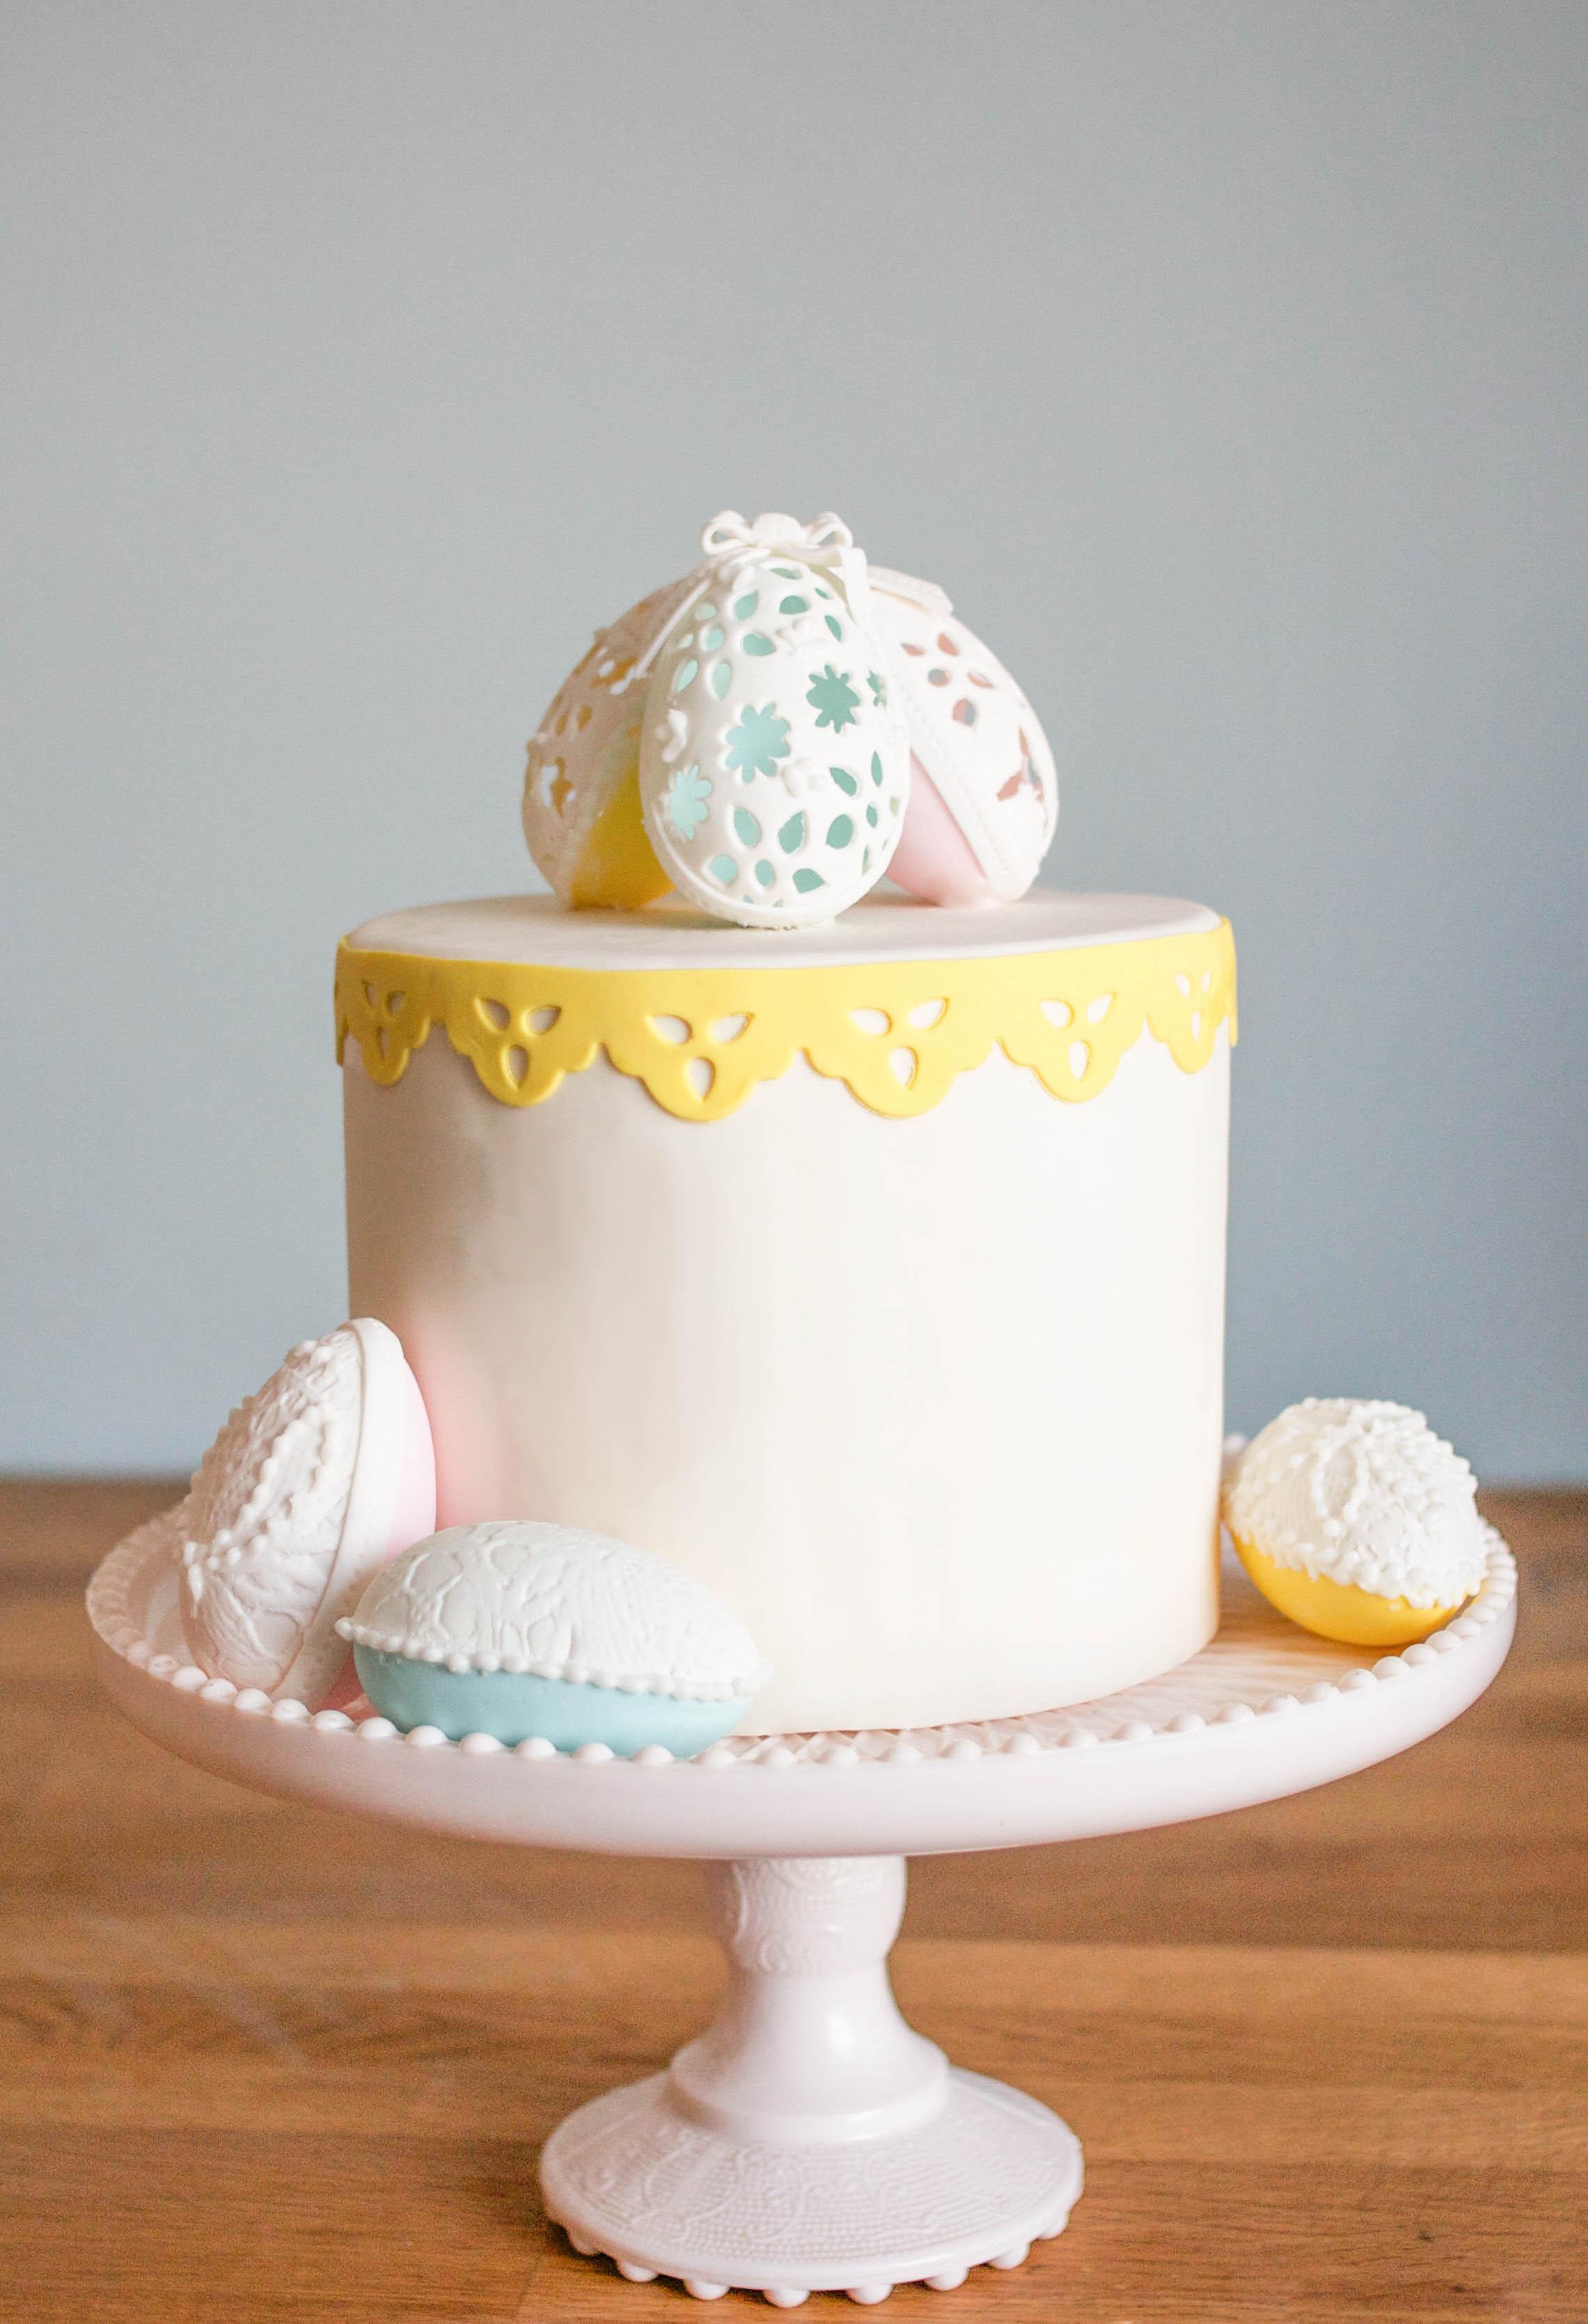 How To Make Elegant Gum Paste Easter Eggs | Erin Gardner